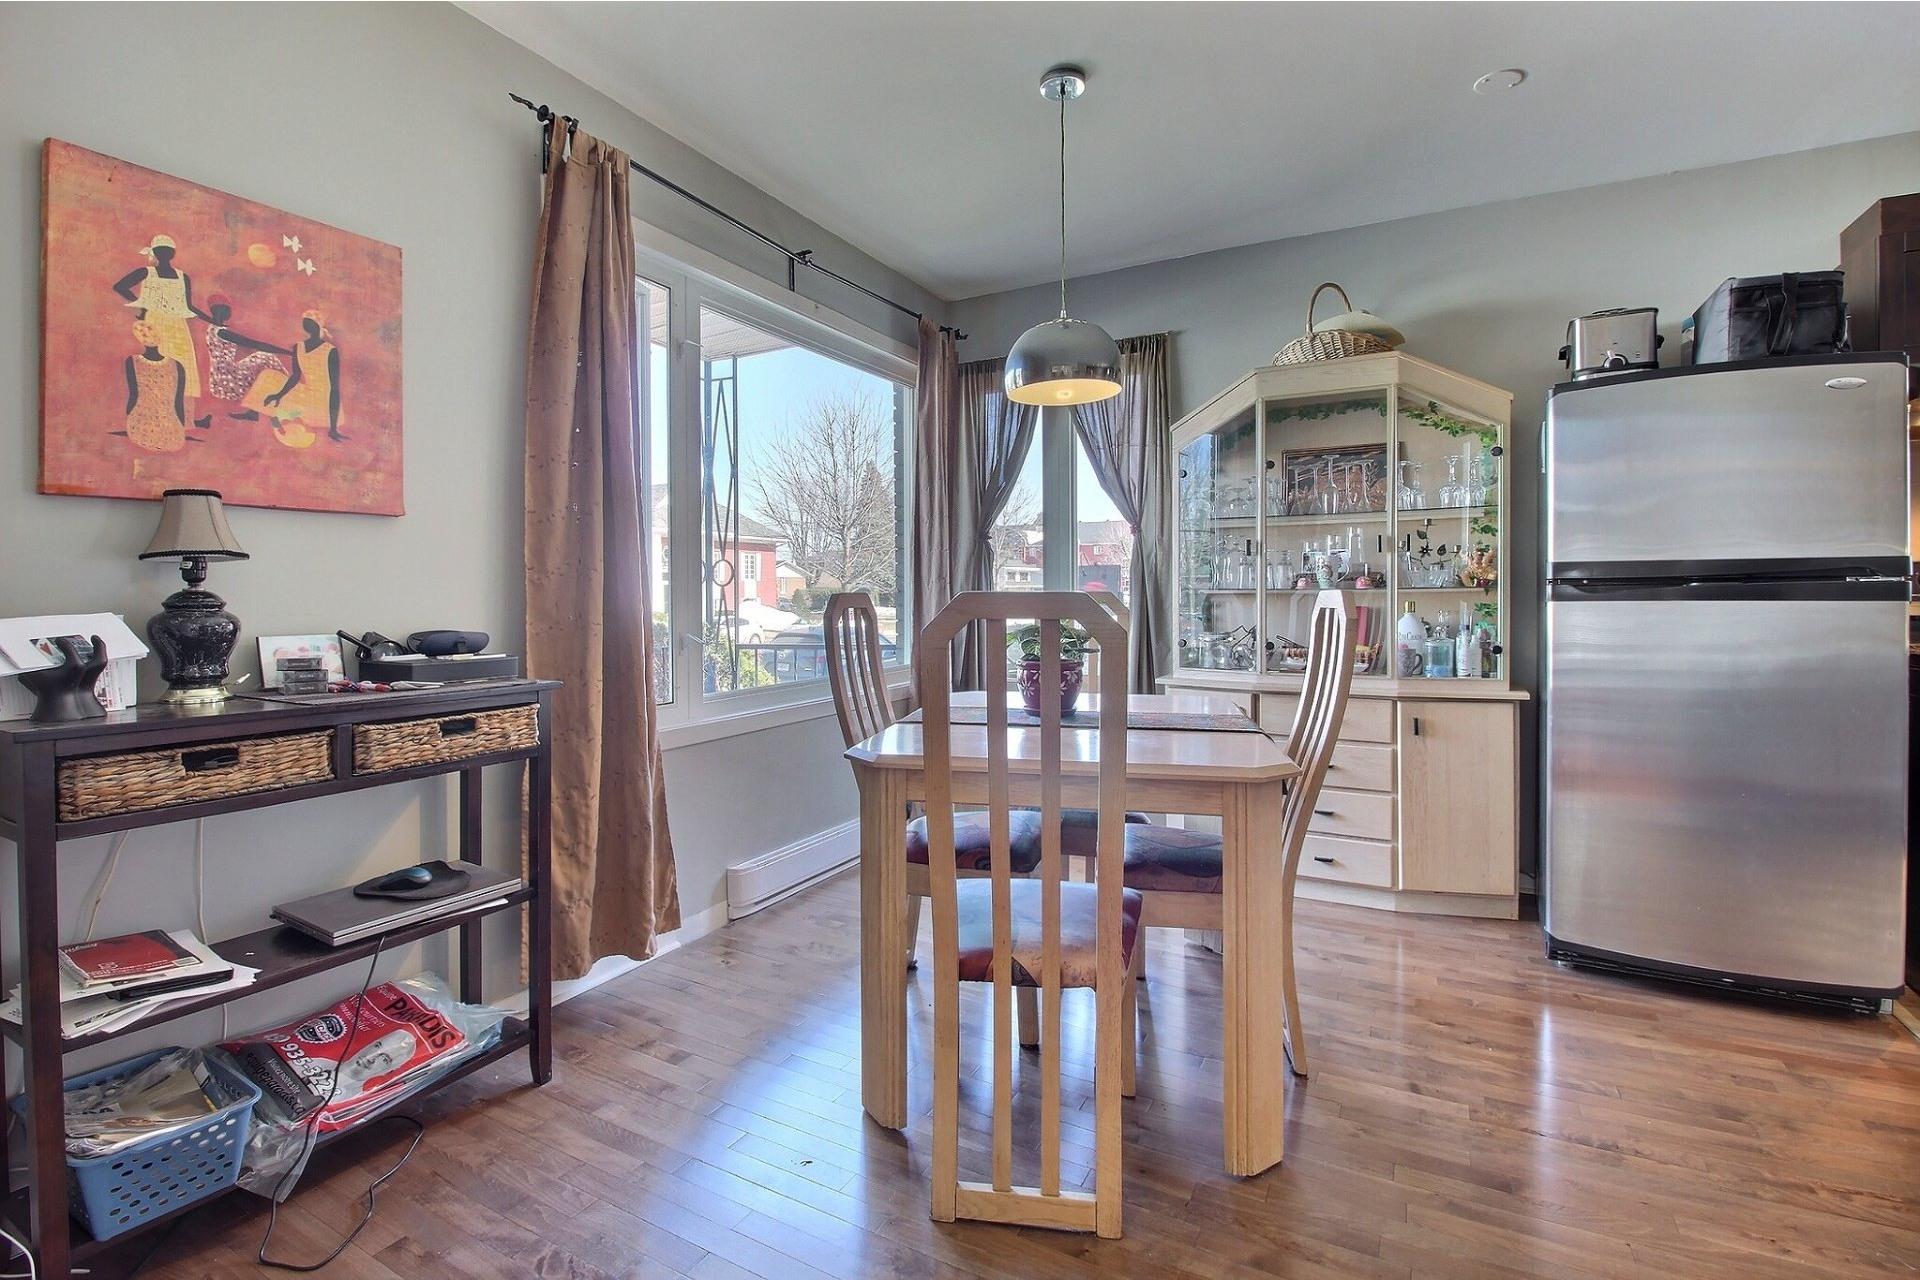 image 21 - Duplex For sale Joliette - 5 rooms